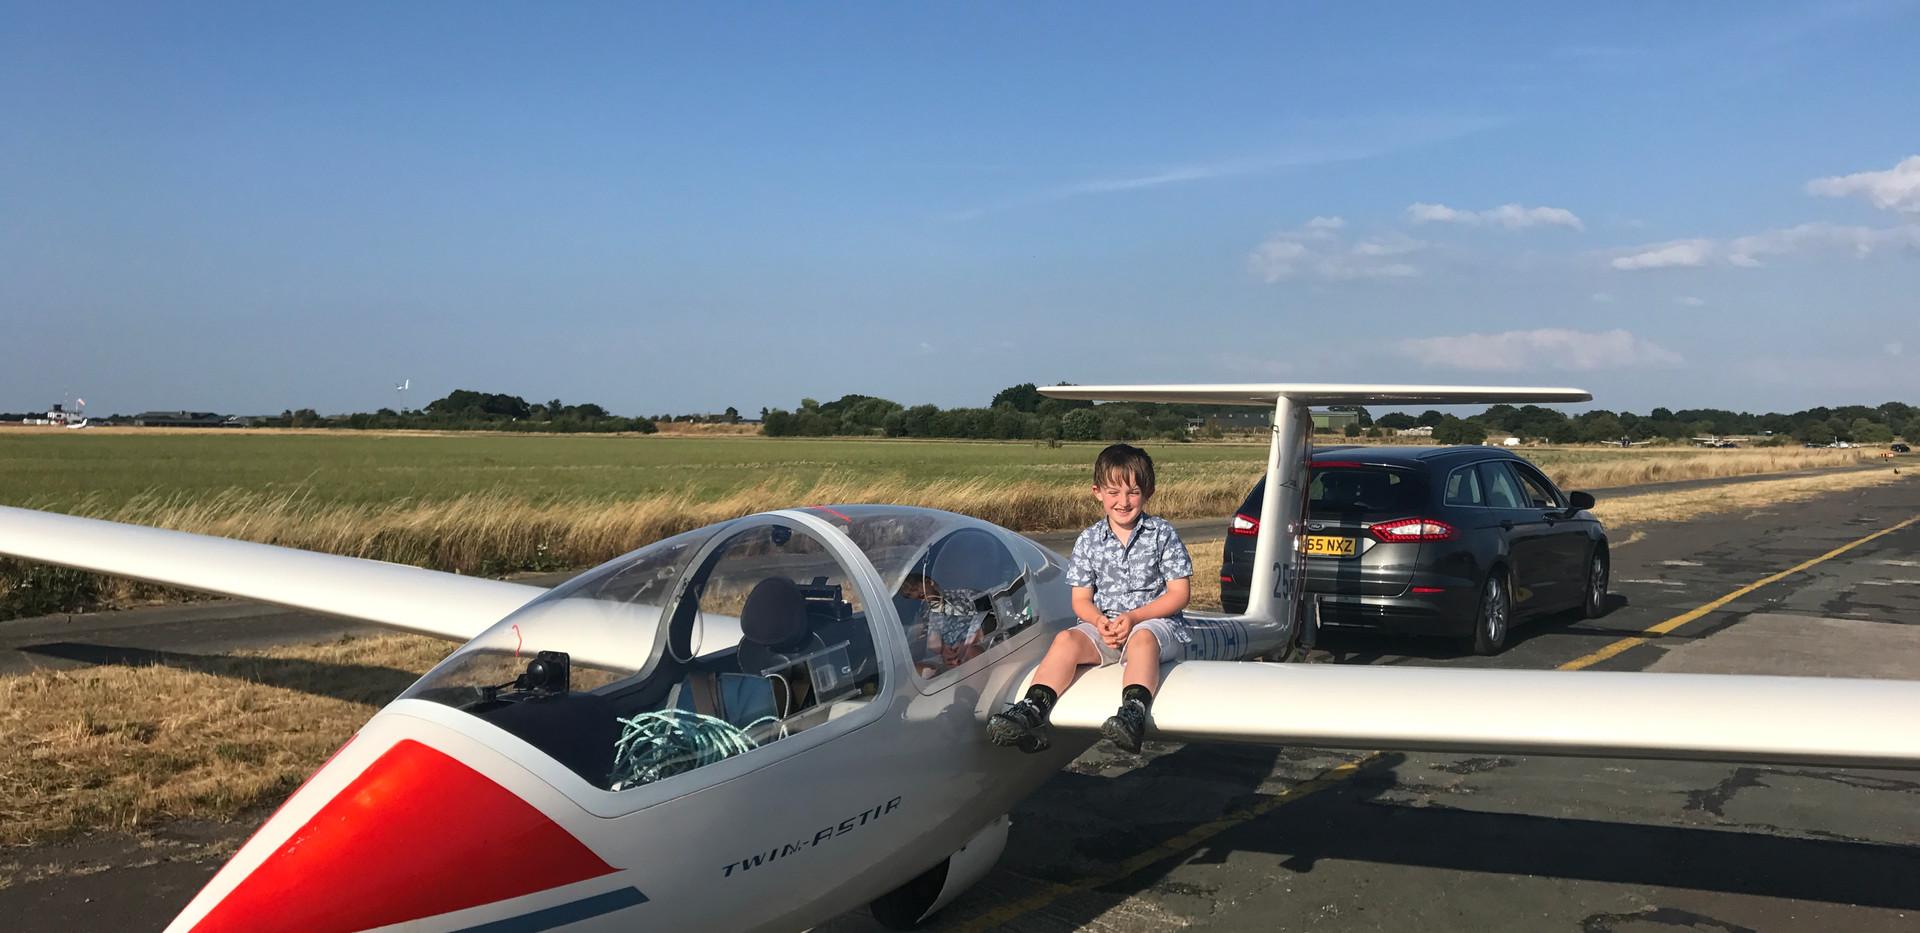 Summer evening flying